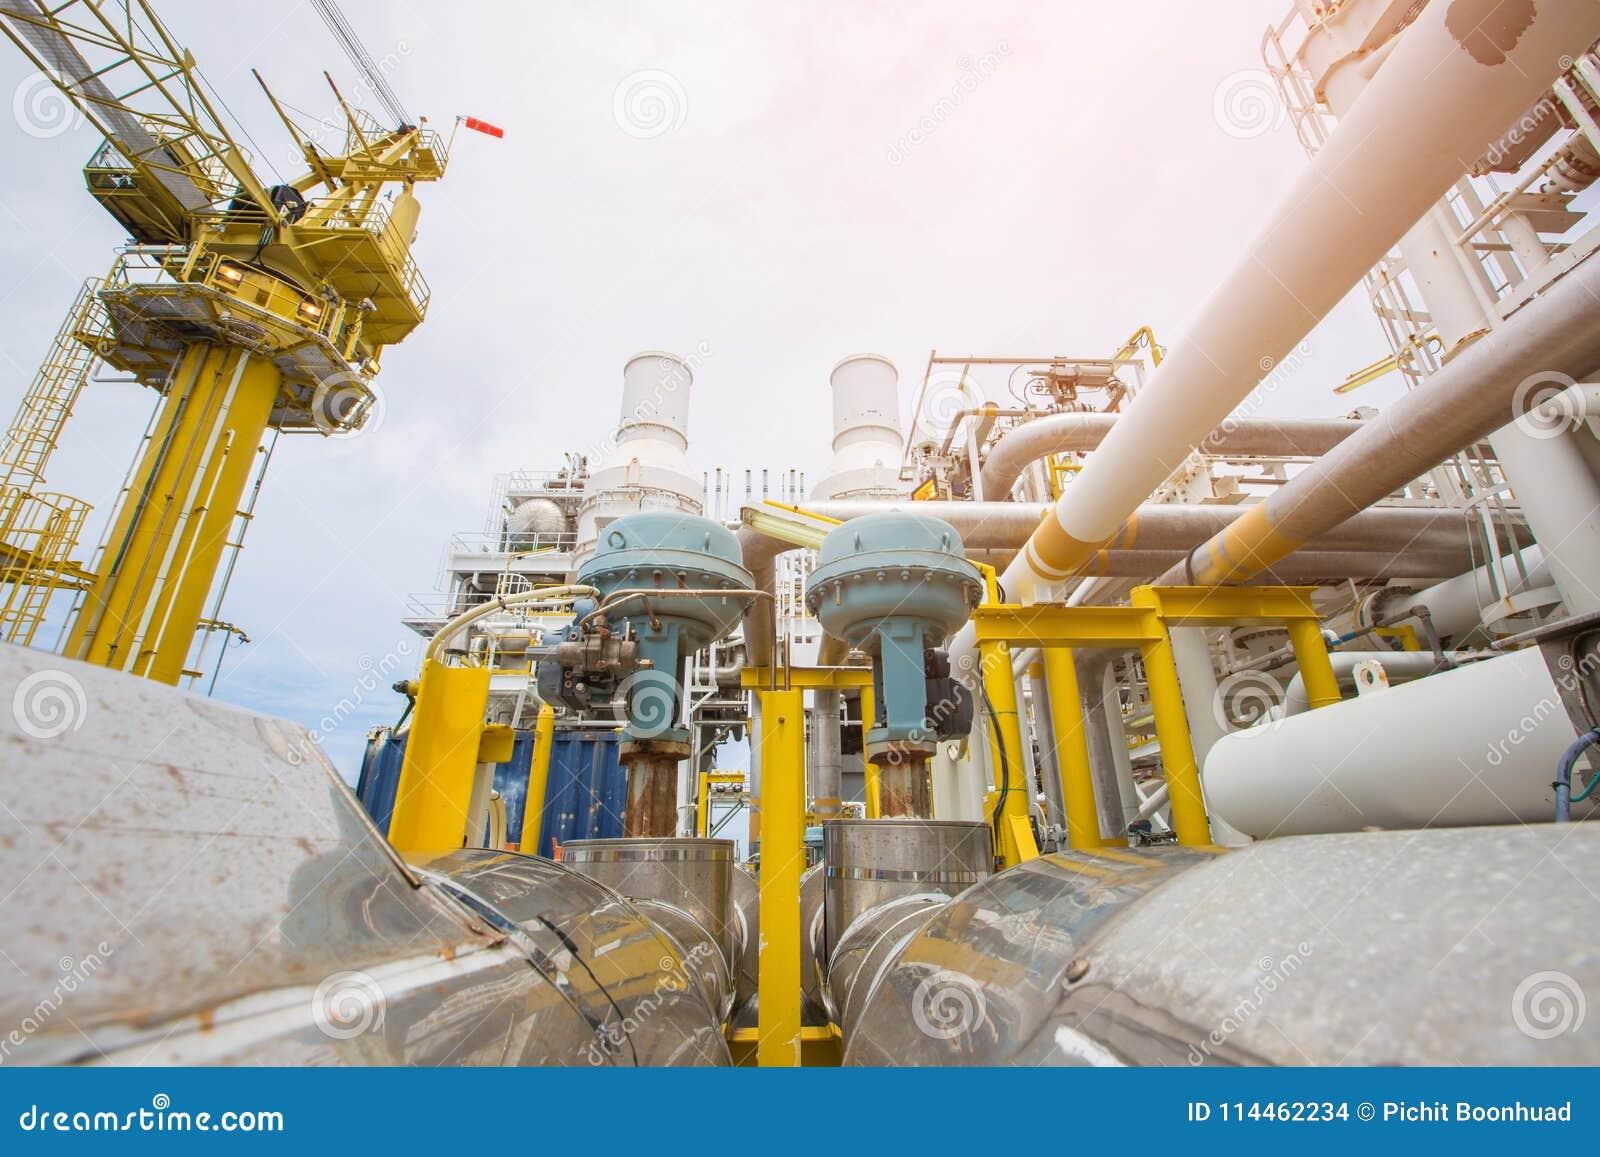 Können Sie Art des betätigten Regelventils in der zentralen Verarbeitungsplattform des Öls und des Gases schließen nicht